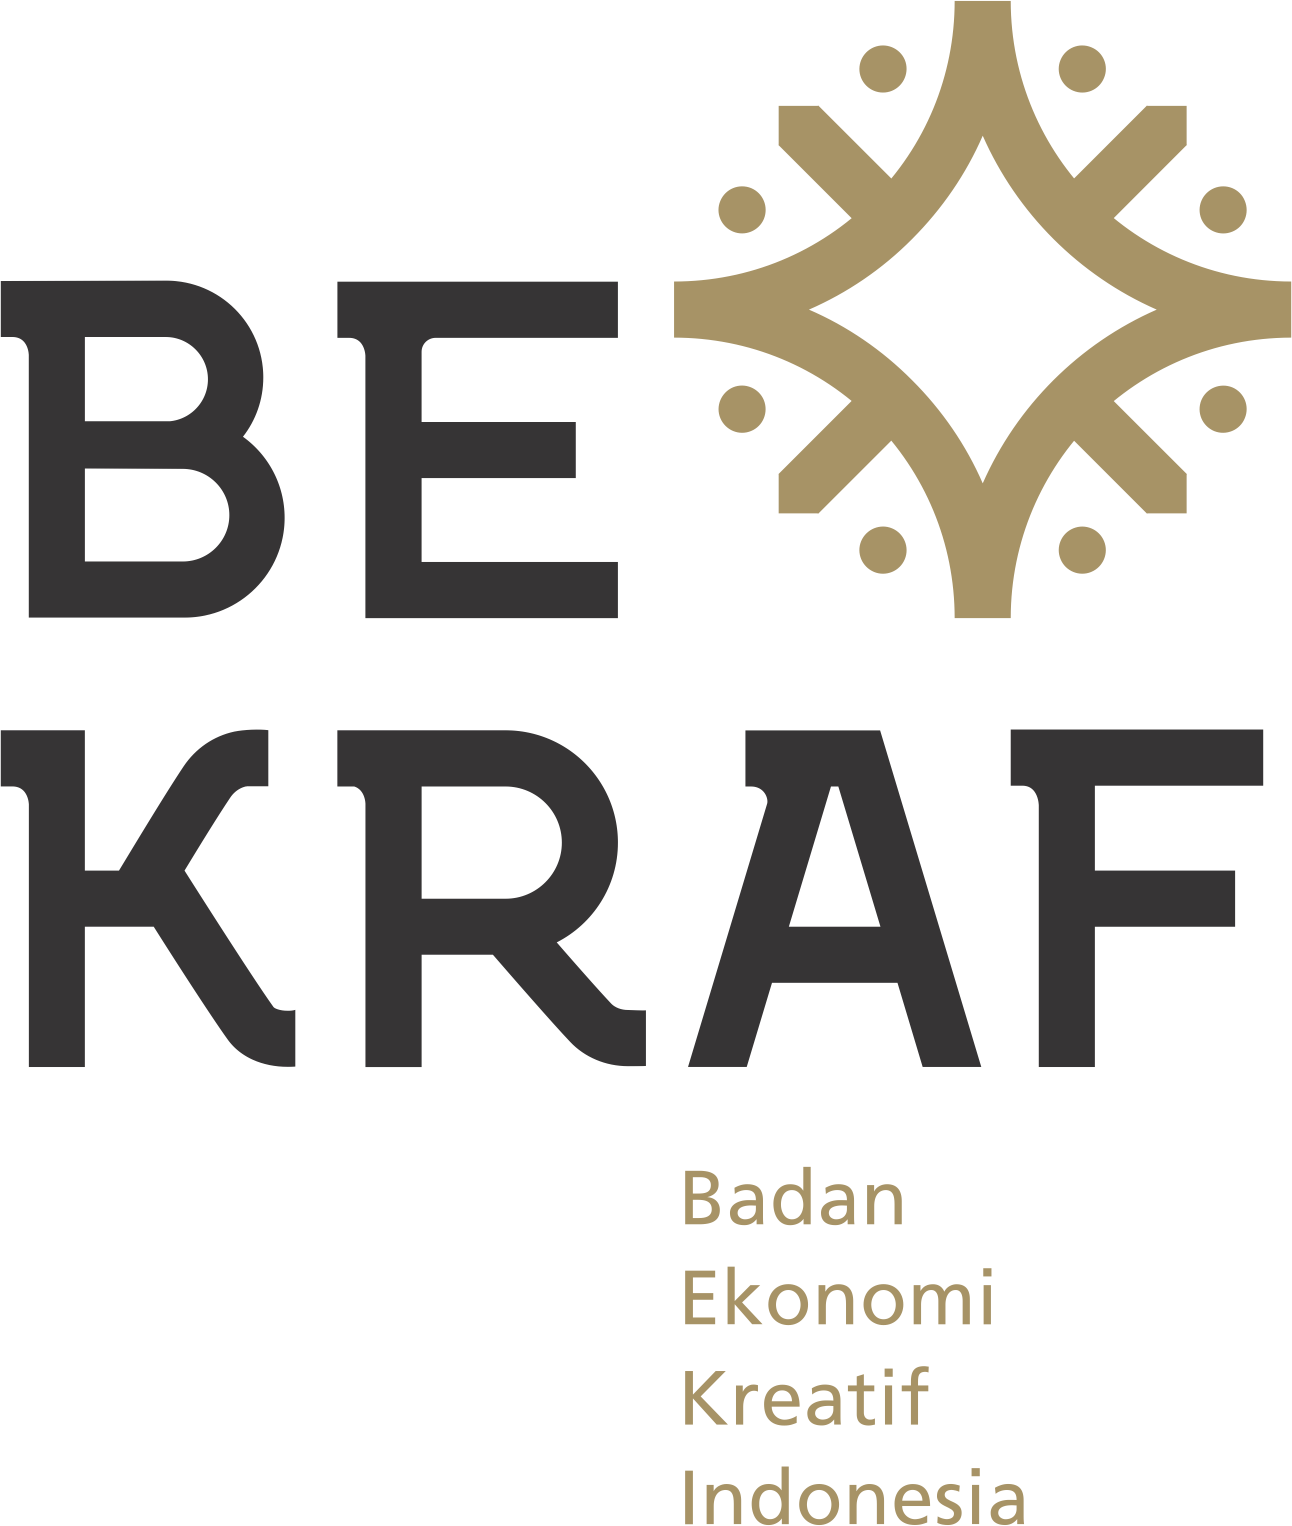 BEKRAF-LOGO.png